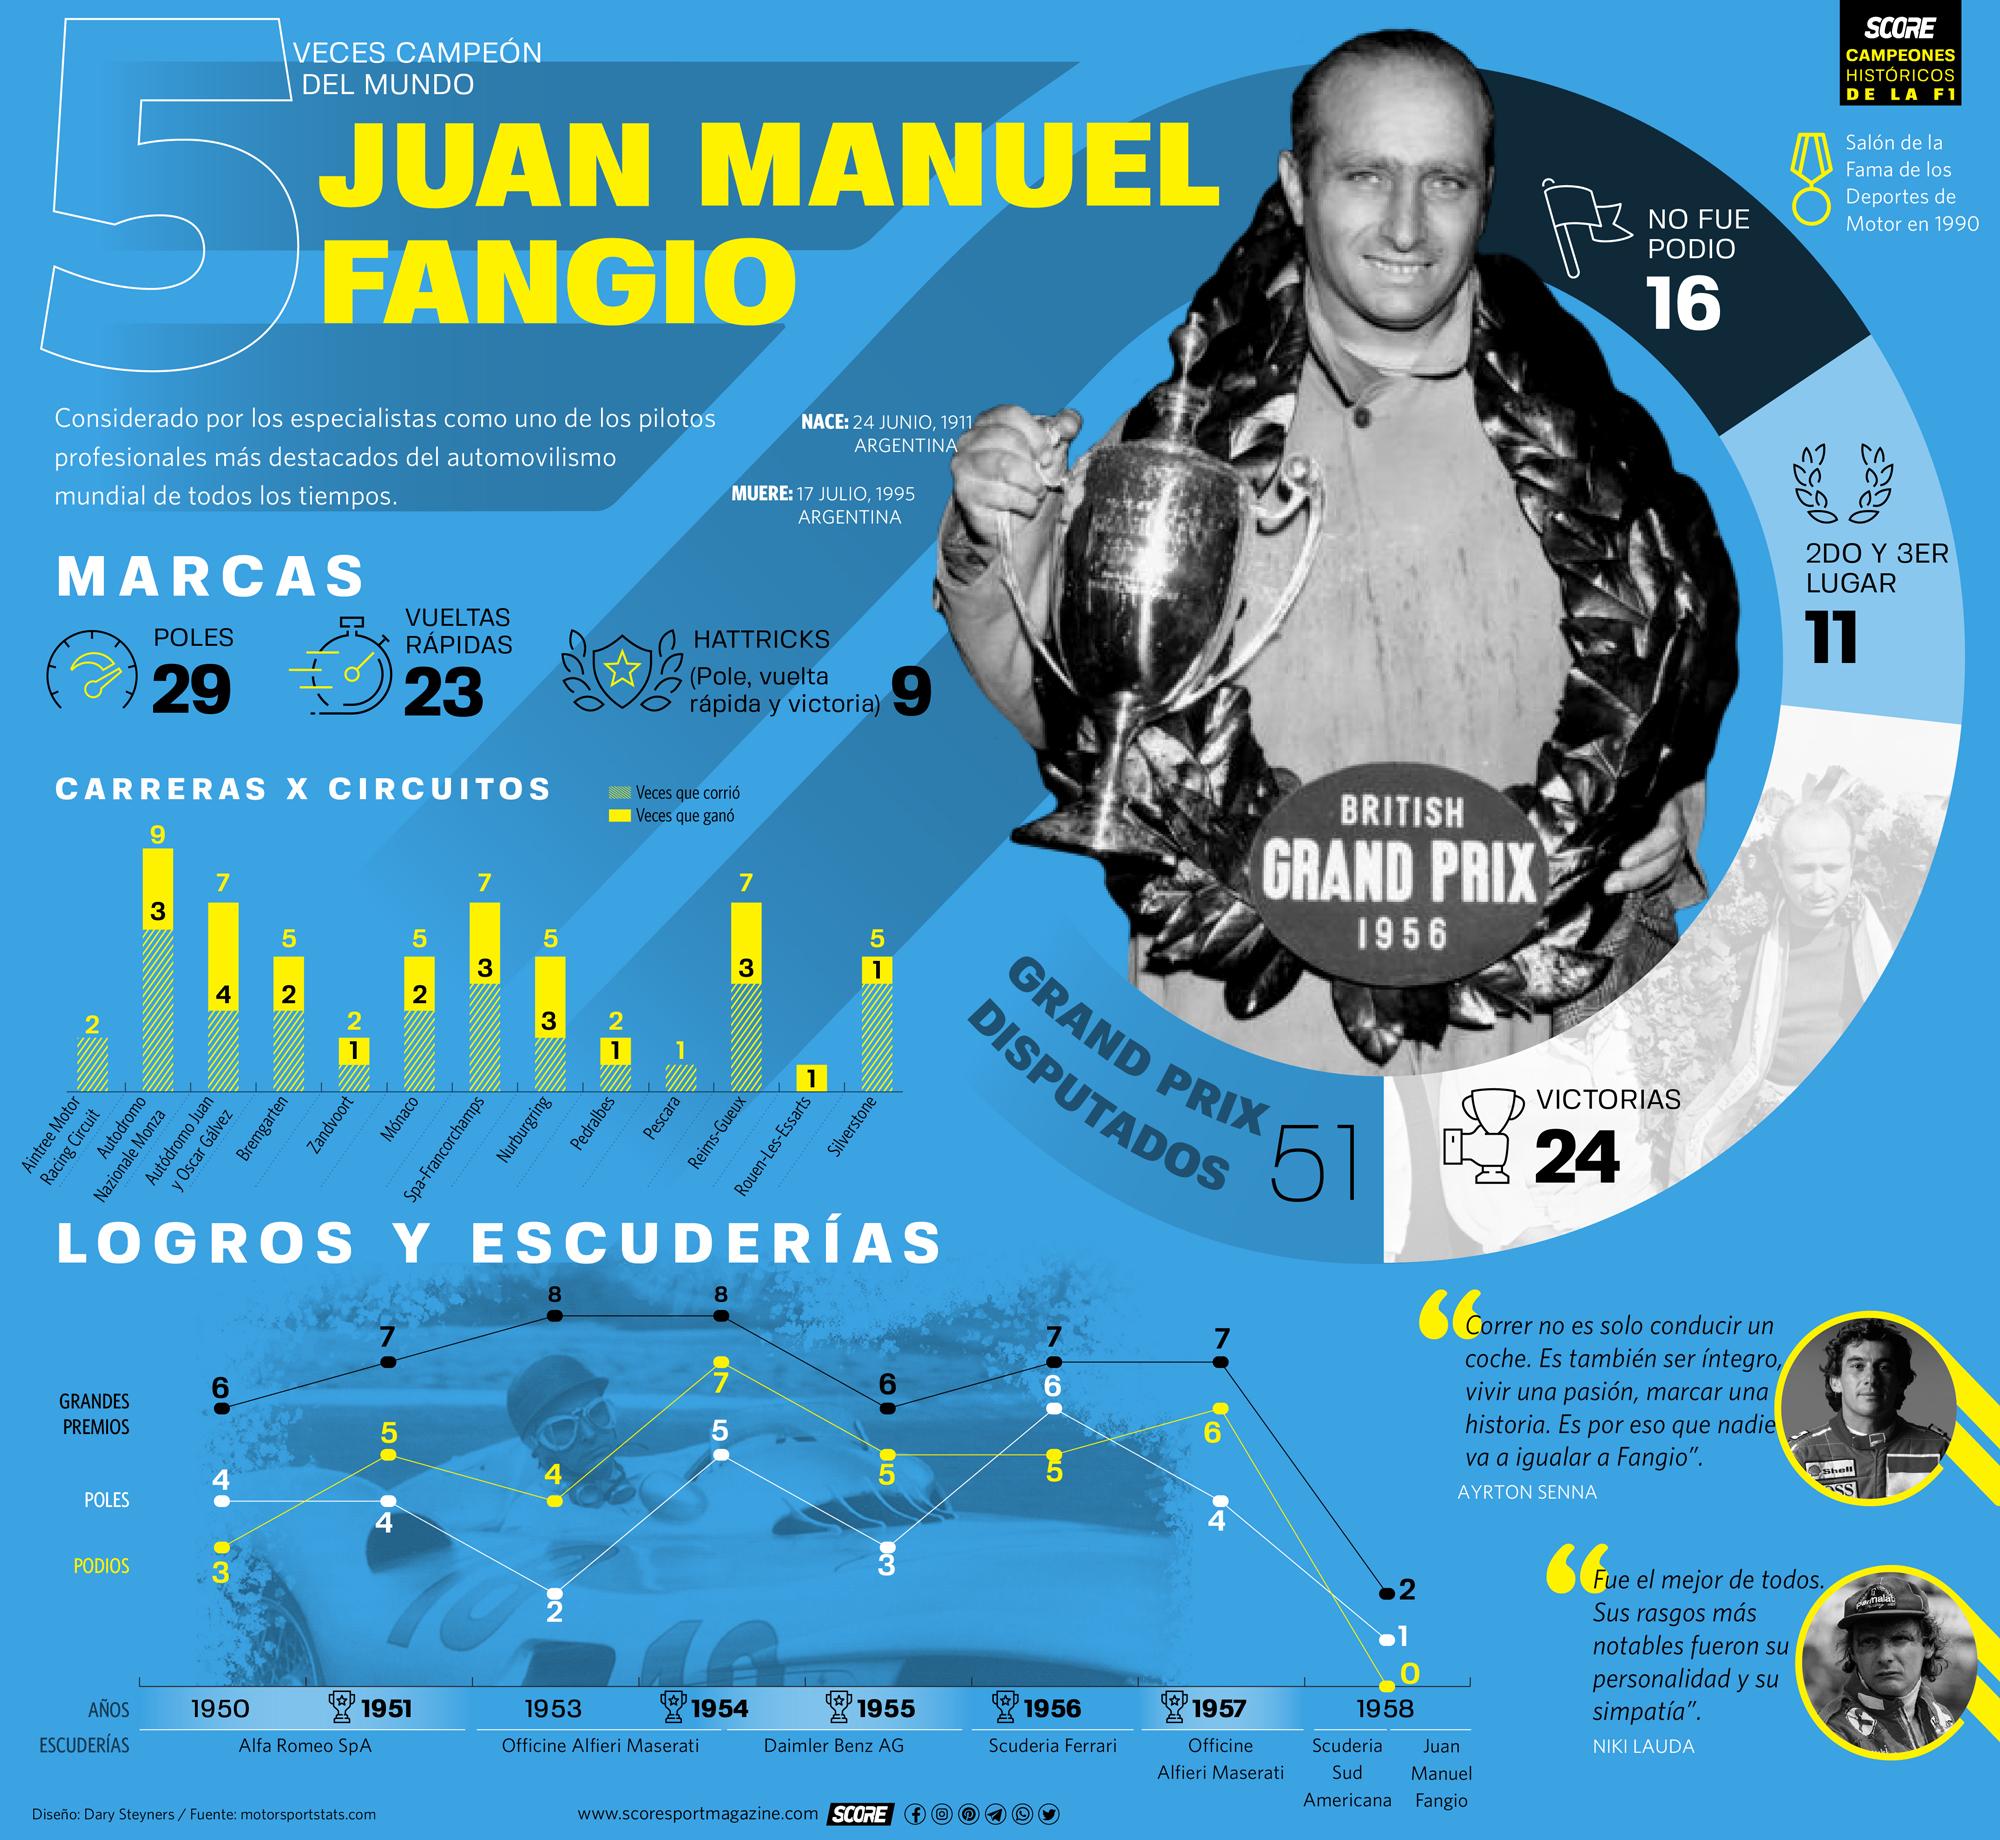 Juan Manuel Fangio-Serie de infografías de Campeones Históricos de la Fórmula 1